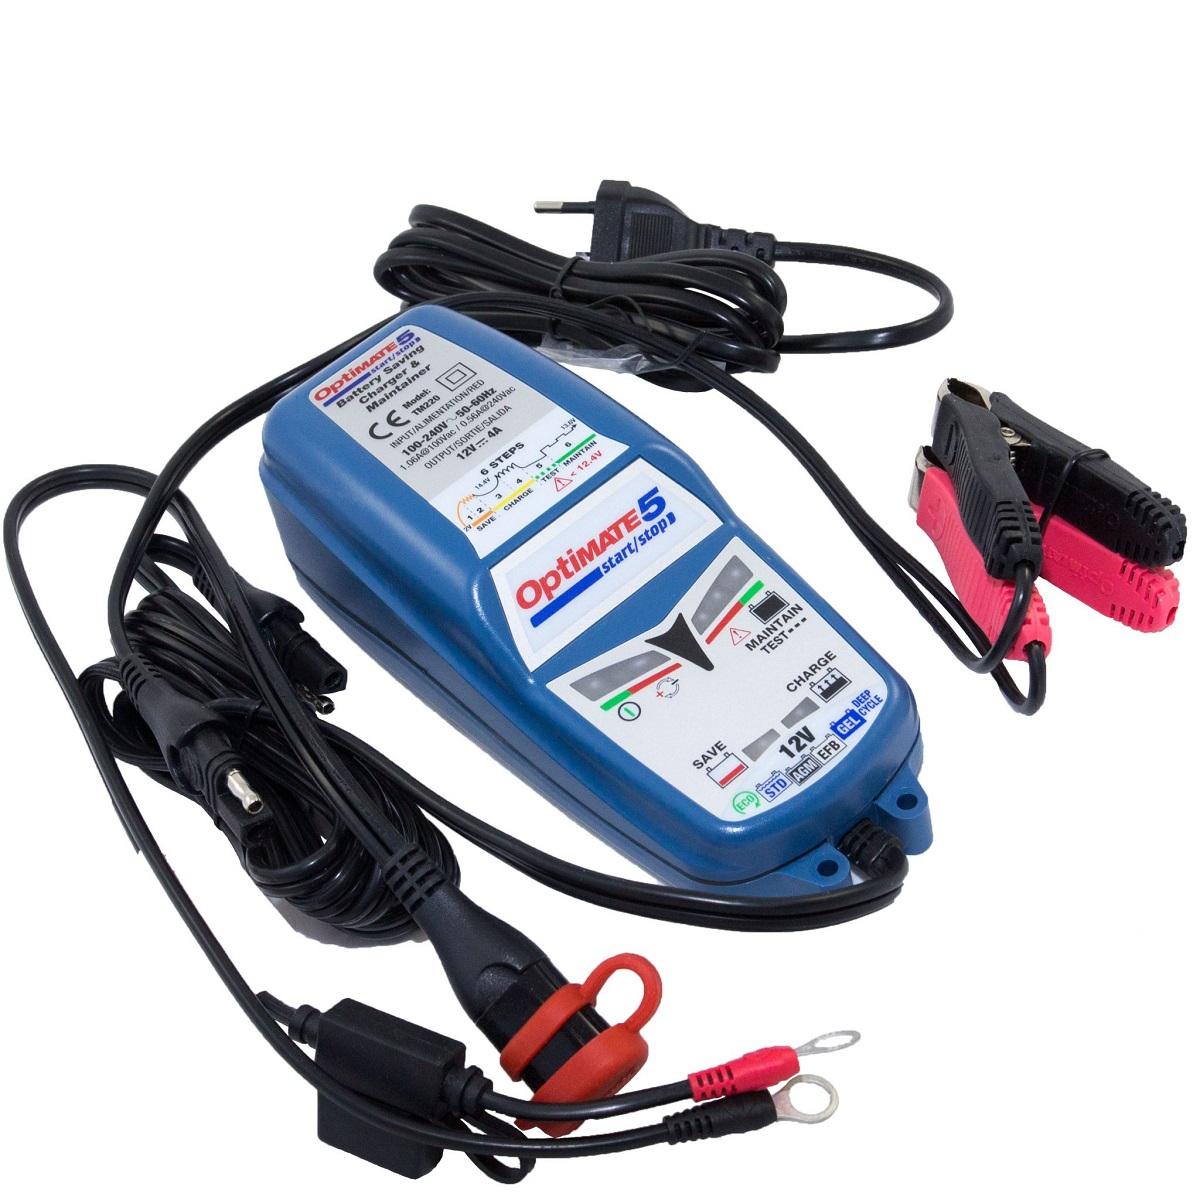 Зарядное устройство OptiMate 5 4А Start-Stop. TM22022125Многоступенчатое зарядное устройство Optimate от бельгийской компании TecMate с режимами тестирования, восстановления глубокоразряженных аккумуляторных батарей, десульфатации и хранения. Управление полностью автоматическое без кнопок. Заряжает все типы 12В свинцово-кислотных аккумуляторных батарей, в т.ч. AGM, GEL. Защита от короткого замыкания, переполюсовки, искрообразования, перегрева. Оптимизирует срок службы и здоровье аккумуляторной батареи. Гарантия 3 года (замена на новое изделие).Влагозащищенный корпус.Рекомендовано 10-ю ведущими производителями мототехники. Optimate 5 рекомендуется для АКБ от 15 Ач до 192 Ач. Ток заряда 4,0 А. Старт зарядки АКБ от 2 В. Температурный режим от -20°С до +40°С. В комплект устройства входят аксессуары O11 кольцевой разъем постоянного подключения и O4 зажимы типа крокодил.